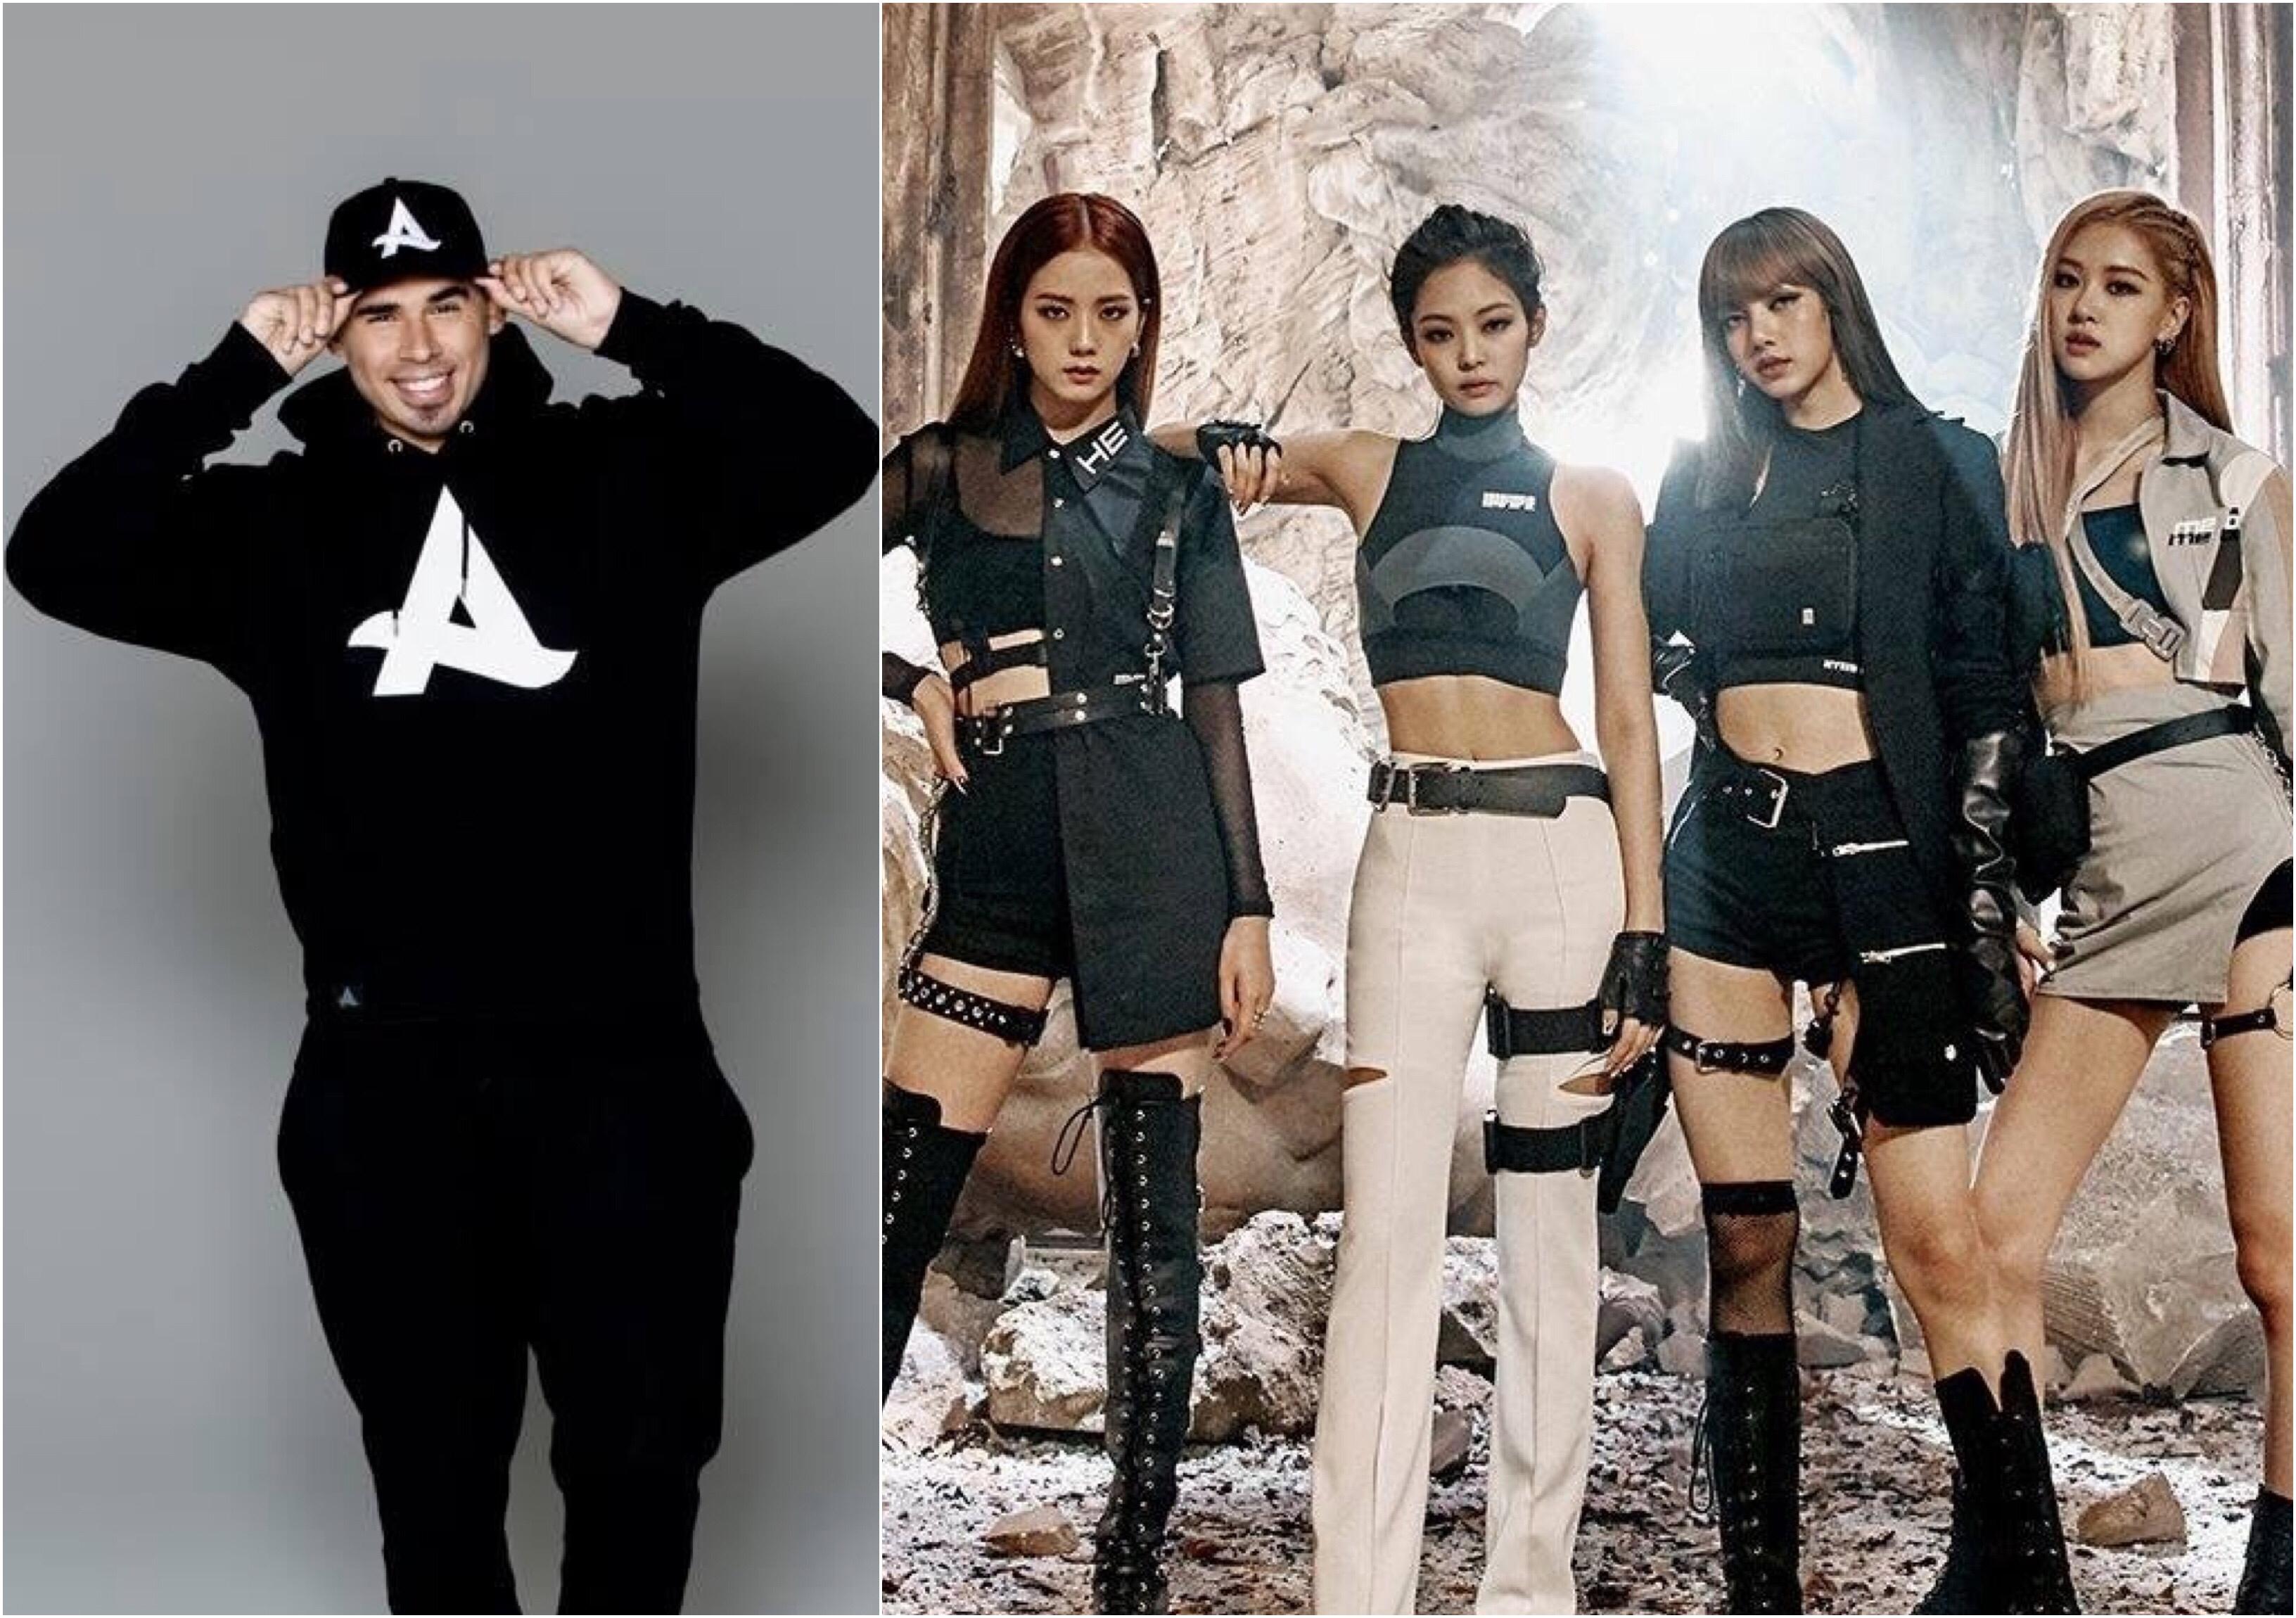 Afrojackが今最も勢いのあるK-POPガールズグループ、BLACKPINKとコラボを切望!